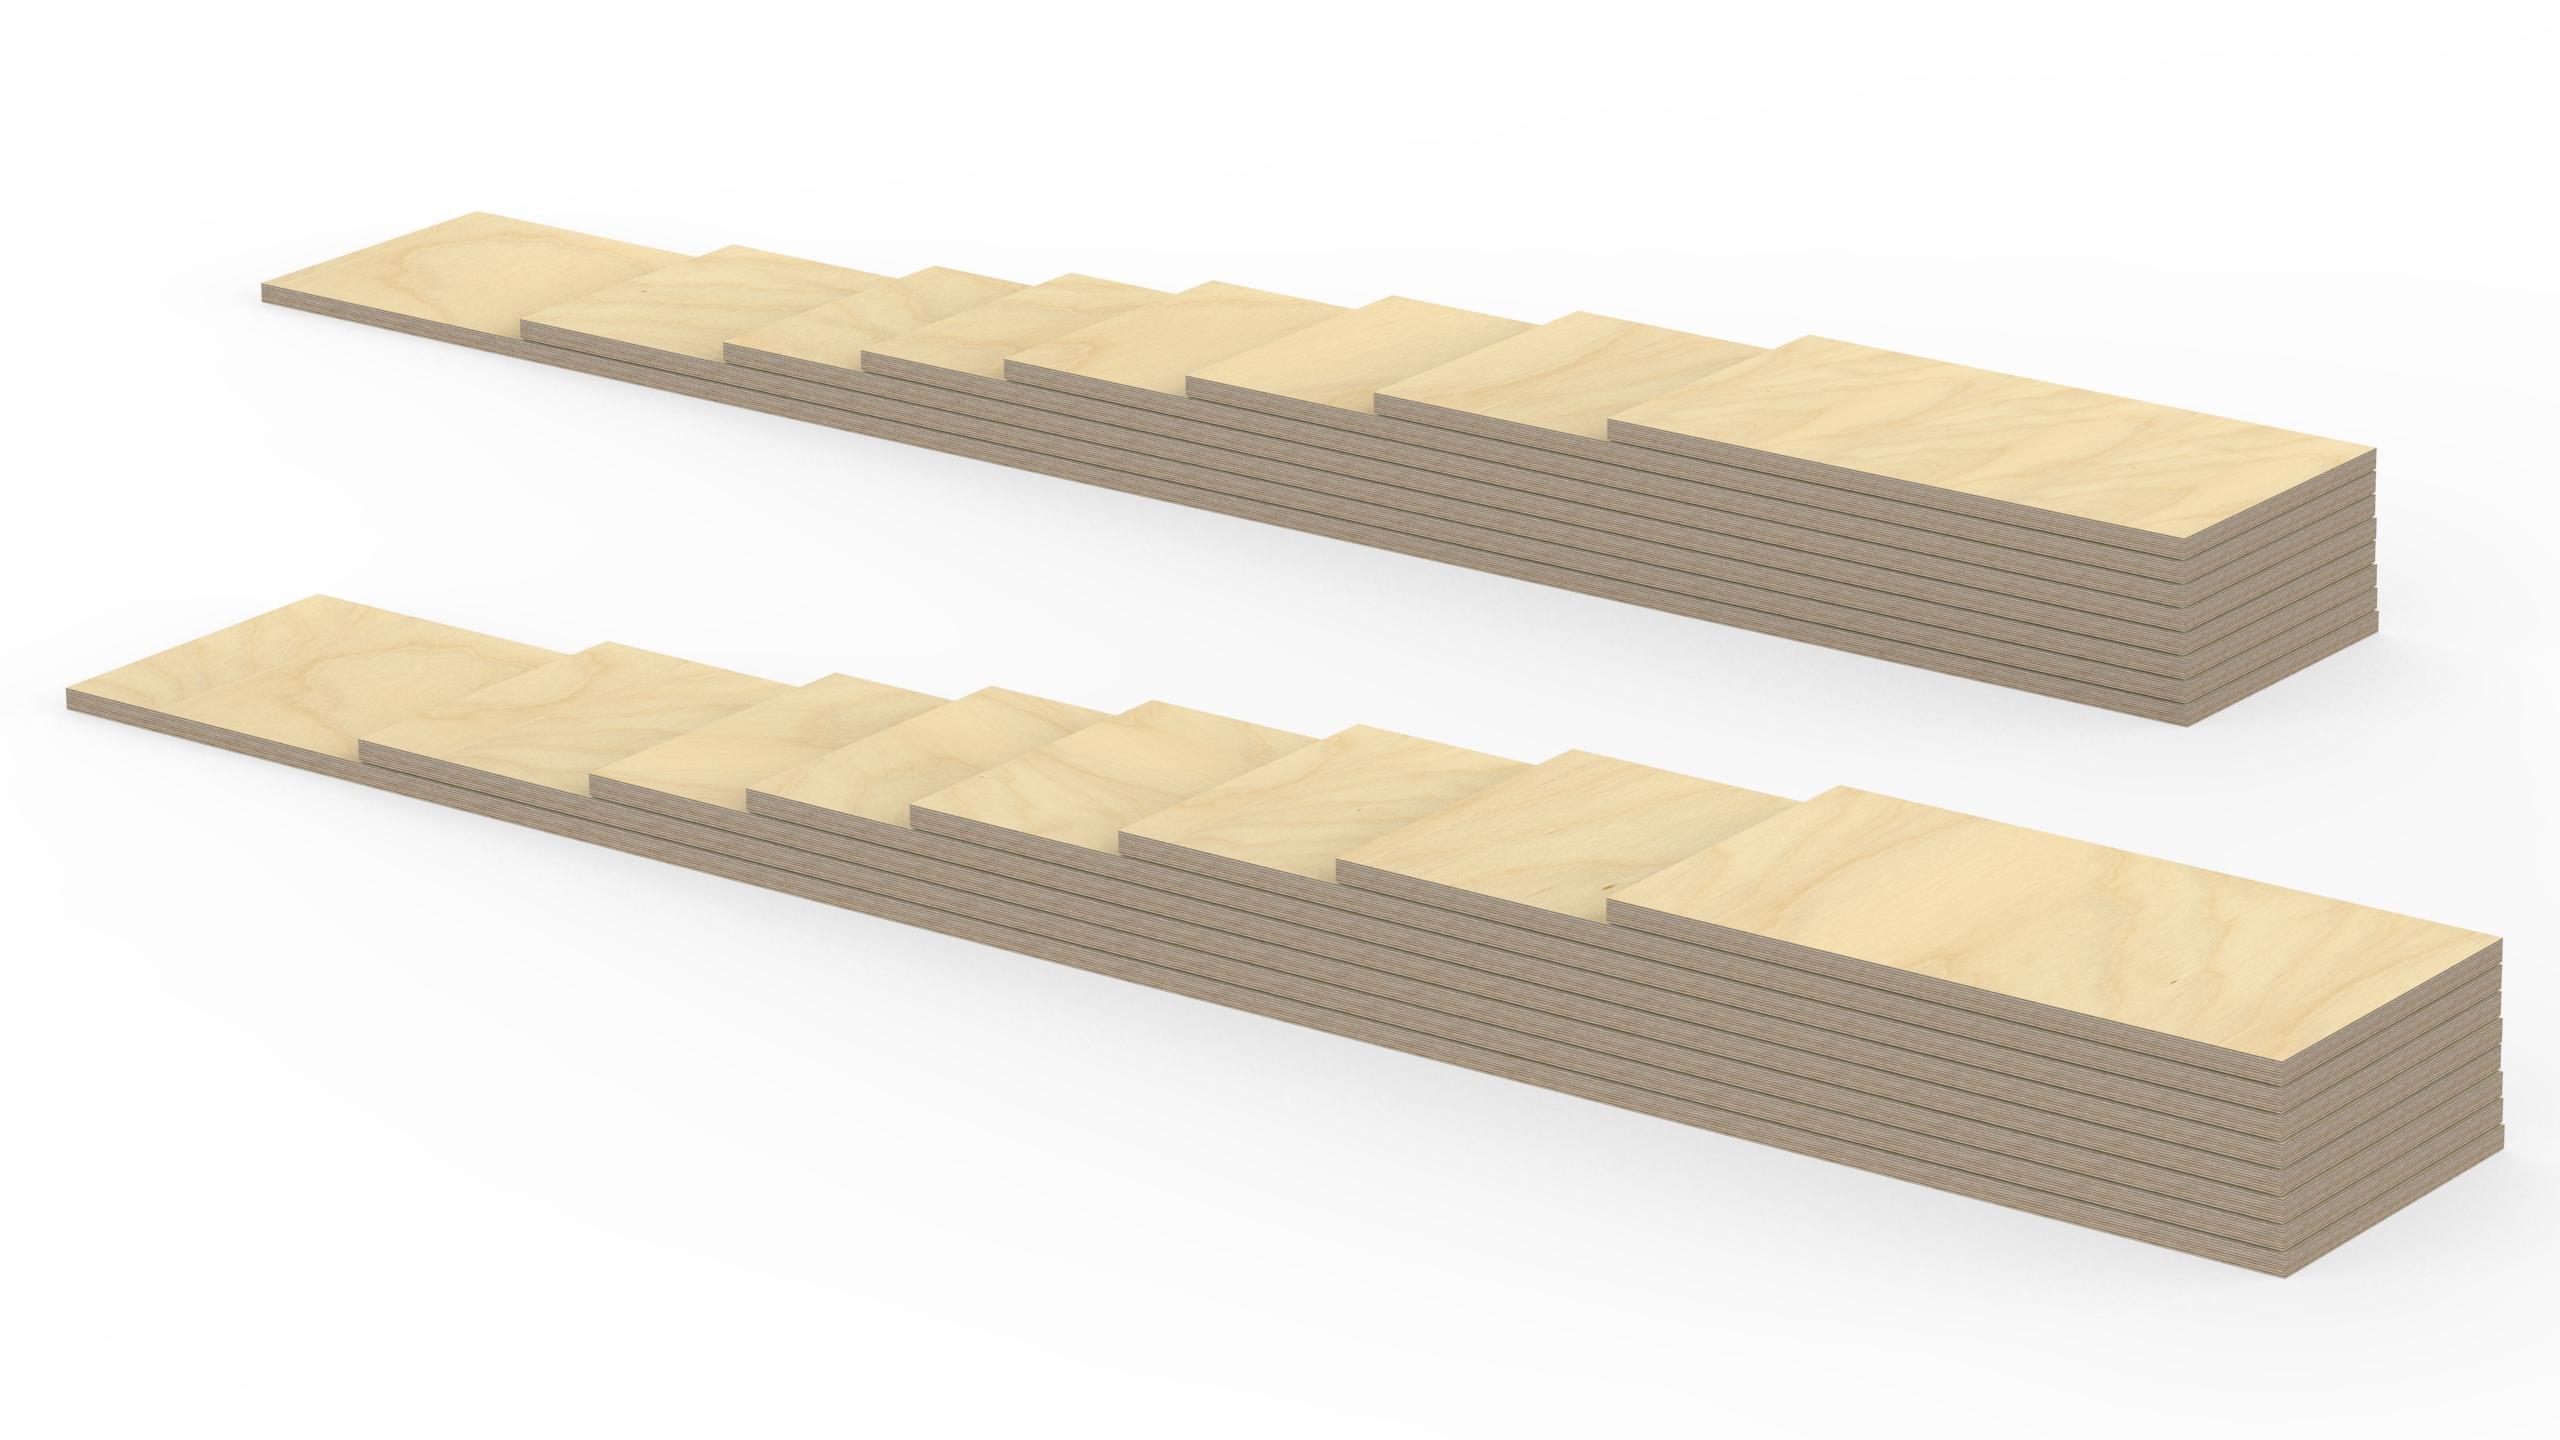 1210 mm 2m Birke Sperrholz Brett L/änge 100mm Holz Bretter 21mm Multiplex Brett-Zuschnitte L/ängen 1m